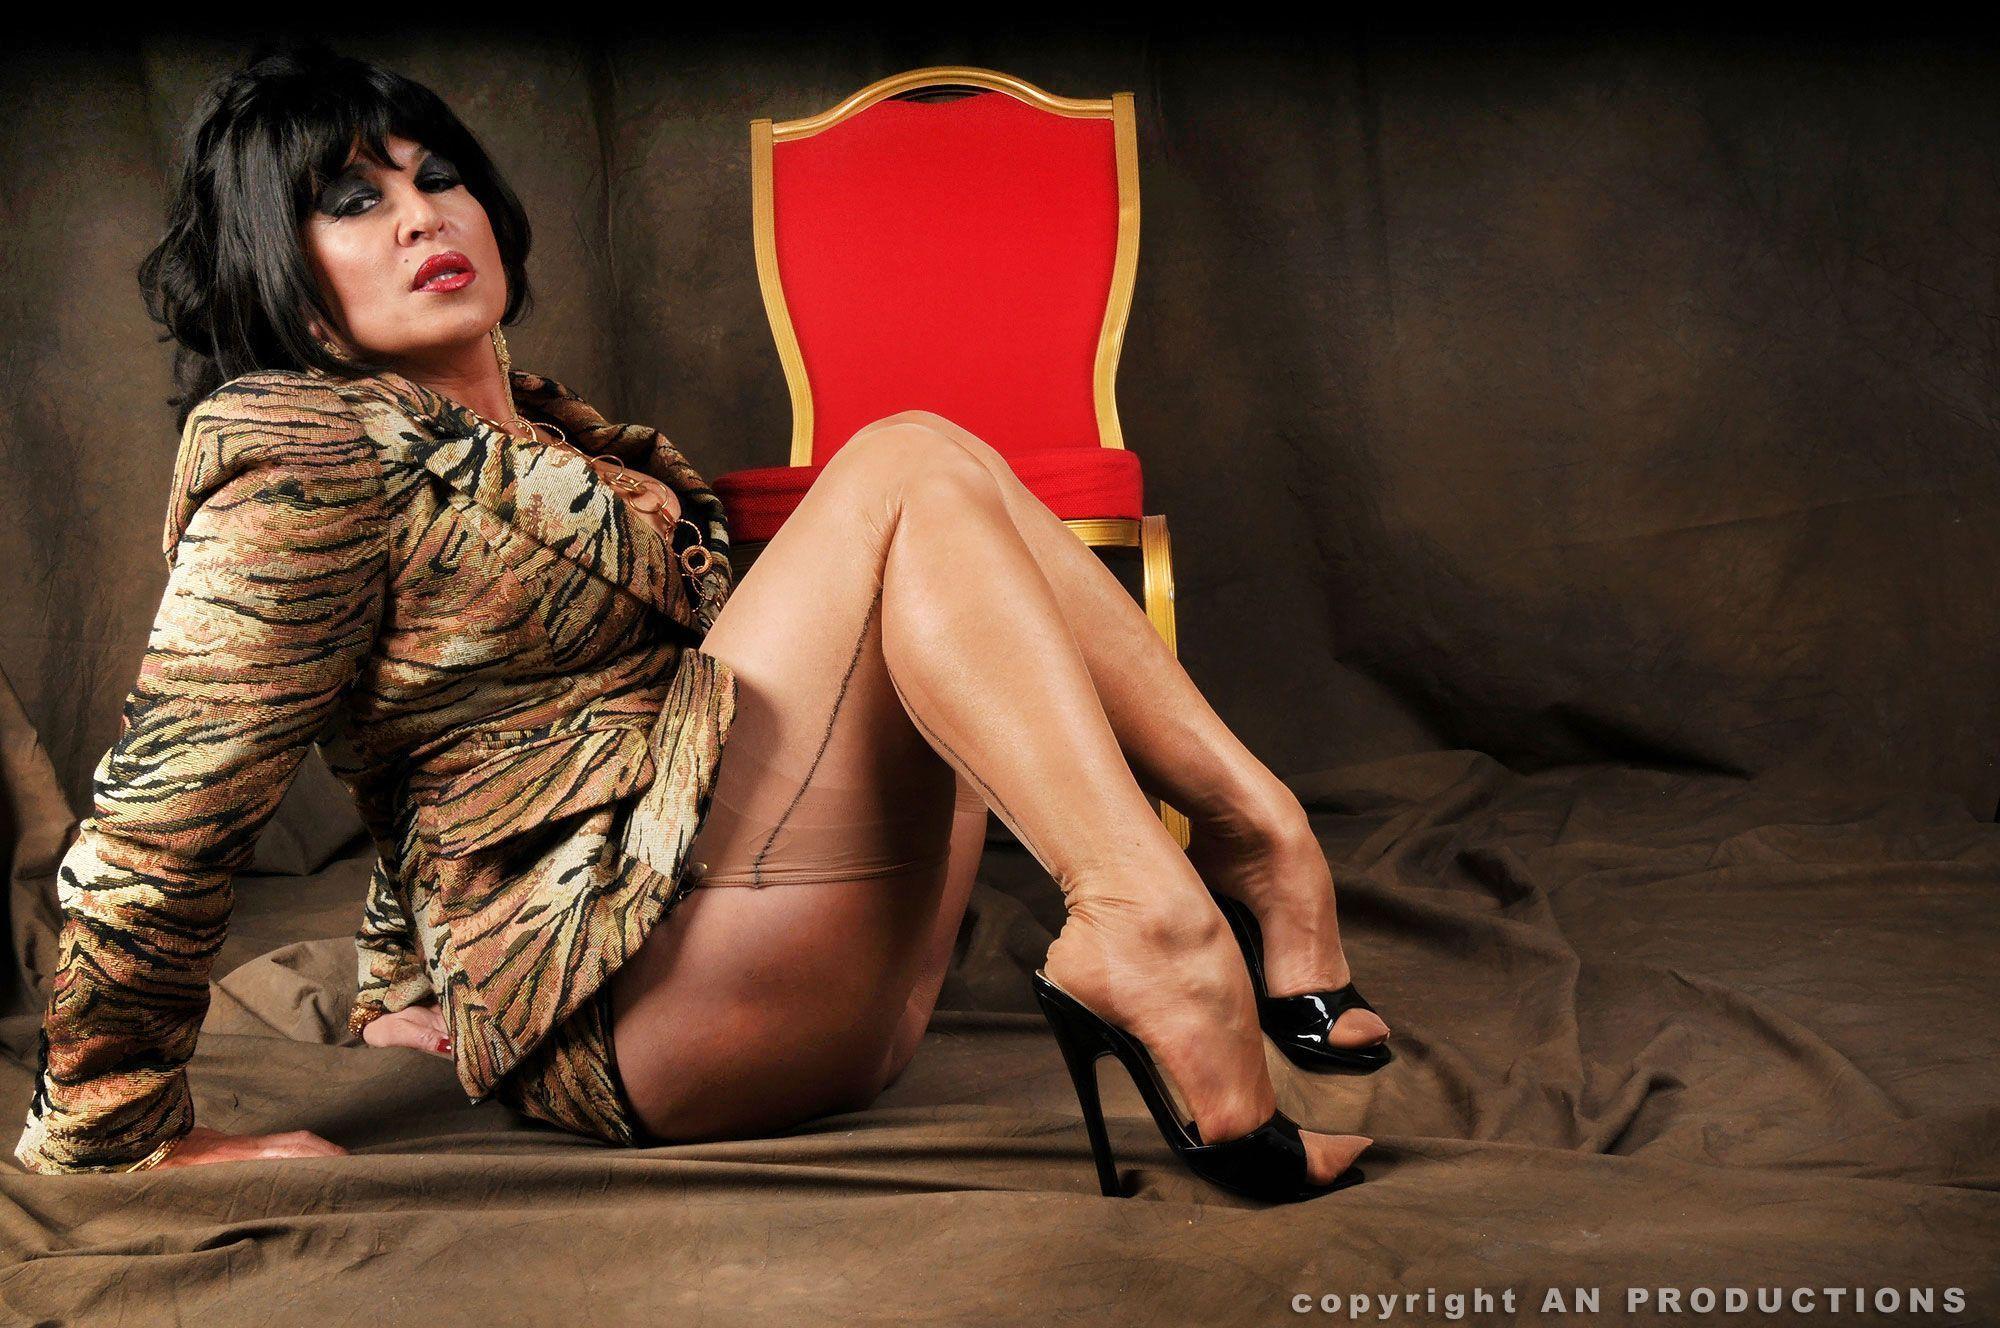 german mature in stockings